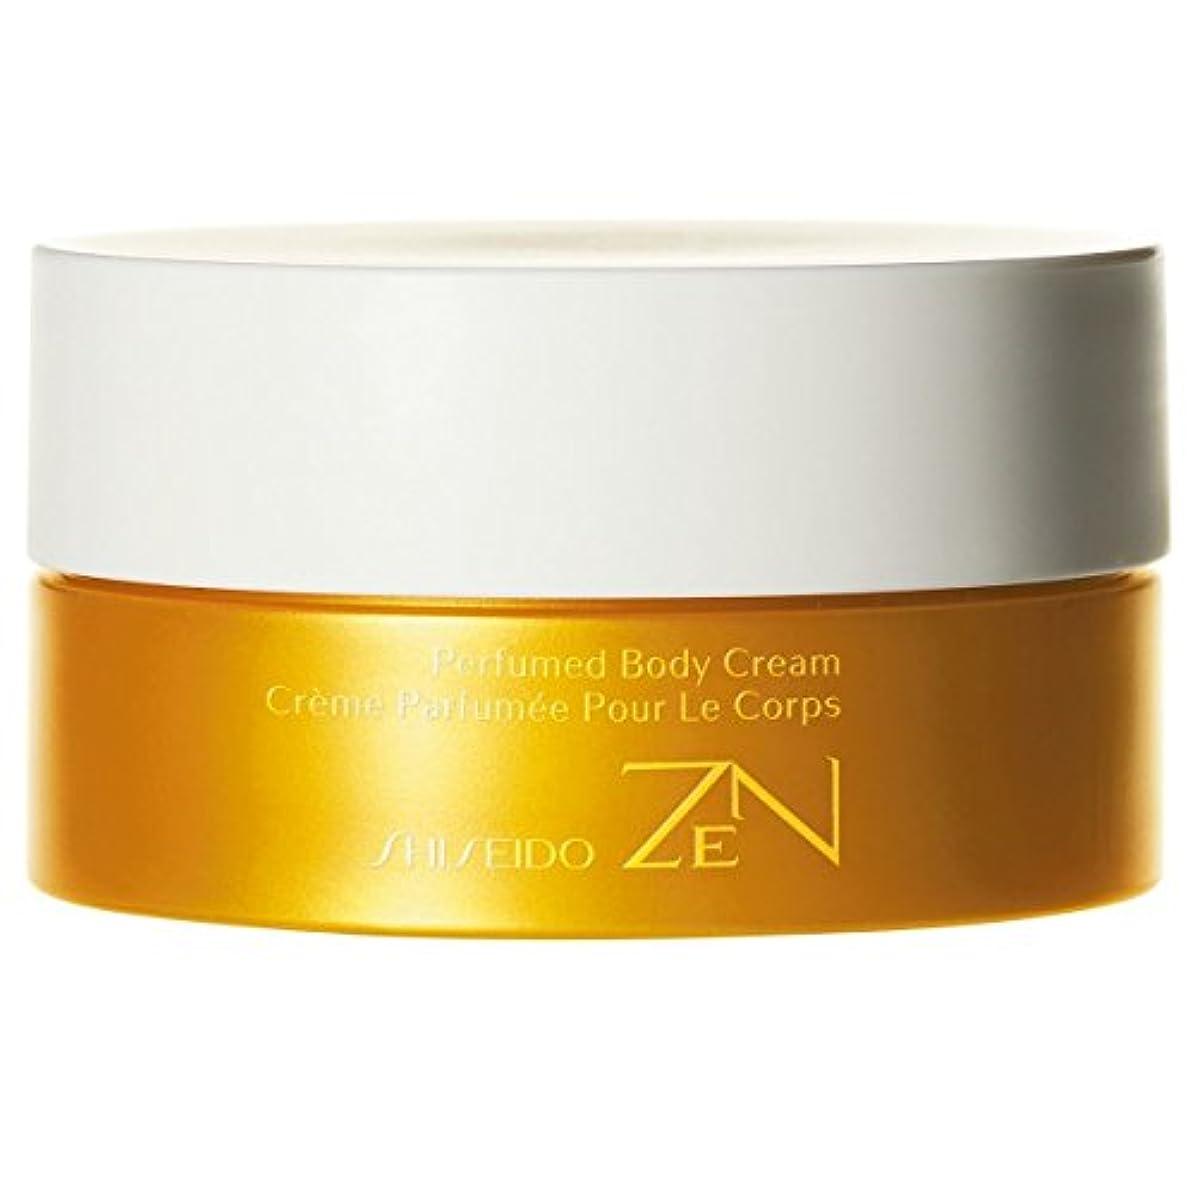 仕立て屋軽くメロディアス[Shiseido ] 資生堂禅香りのボディクリーム200ミリリットル - Shiseido Zen Perfumed Body Cream 200ml [並行輸入品]